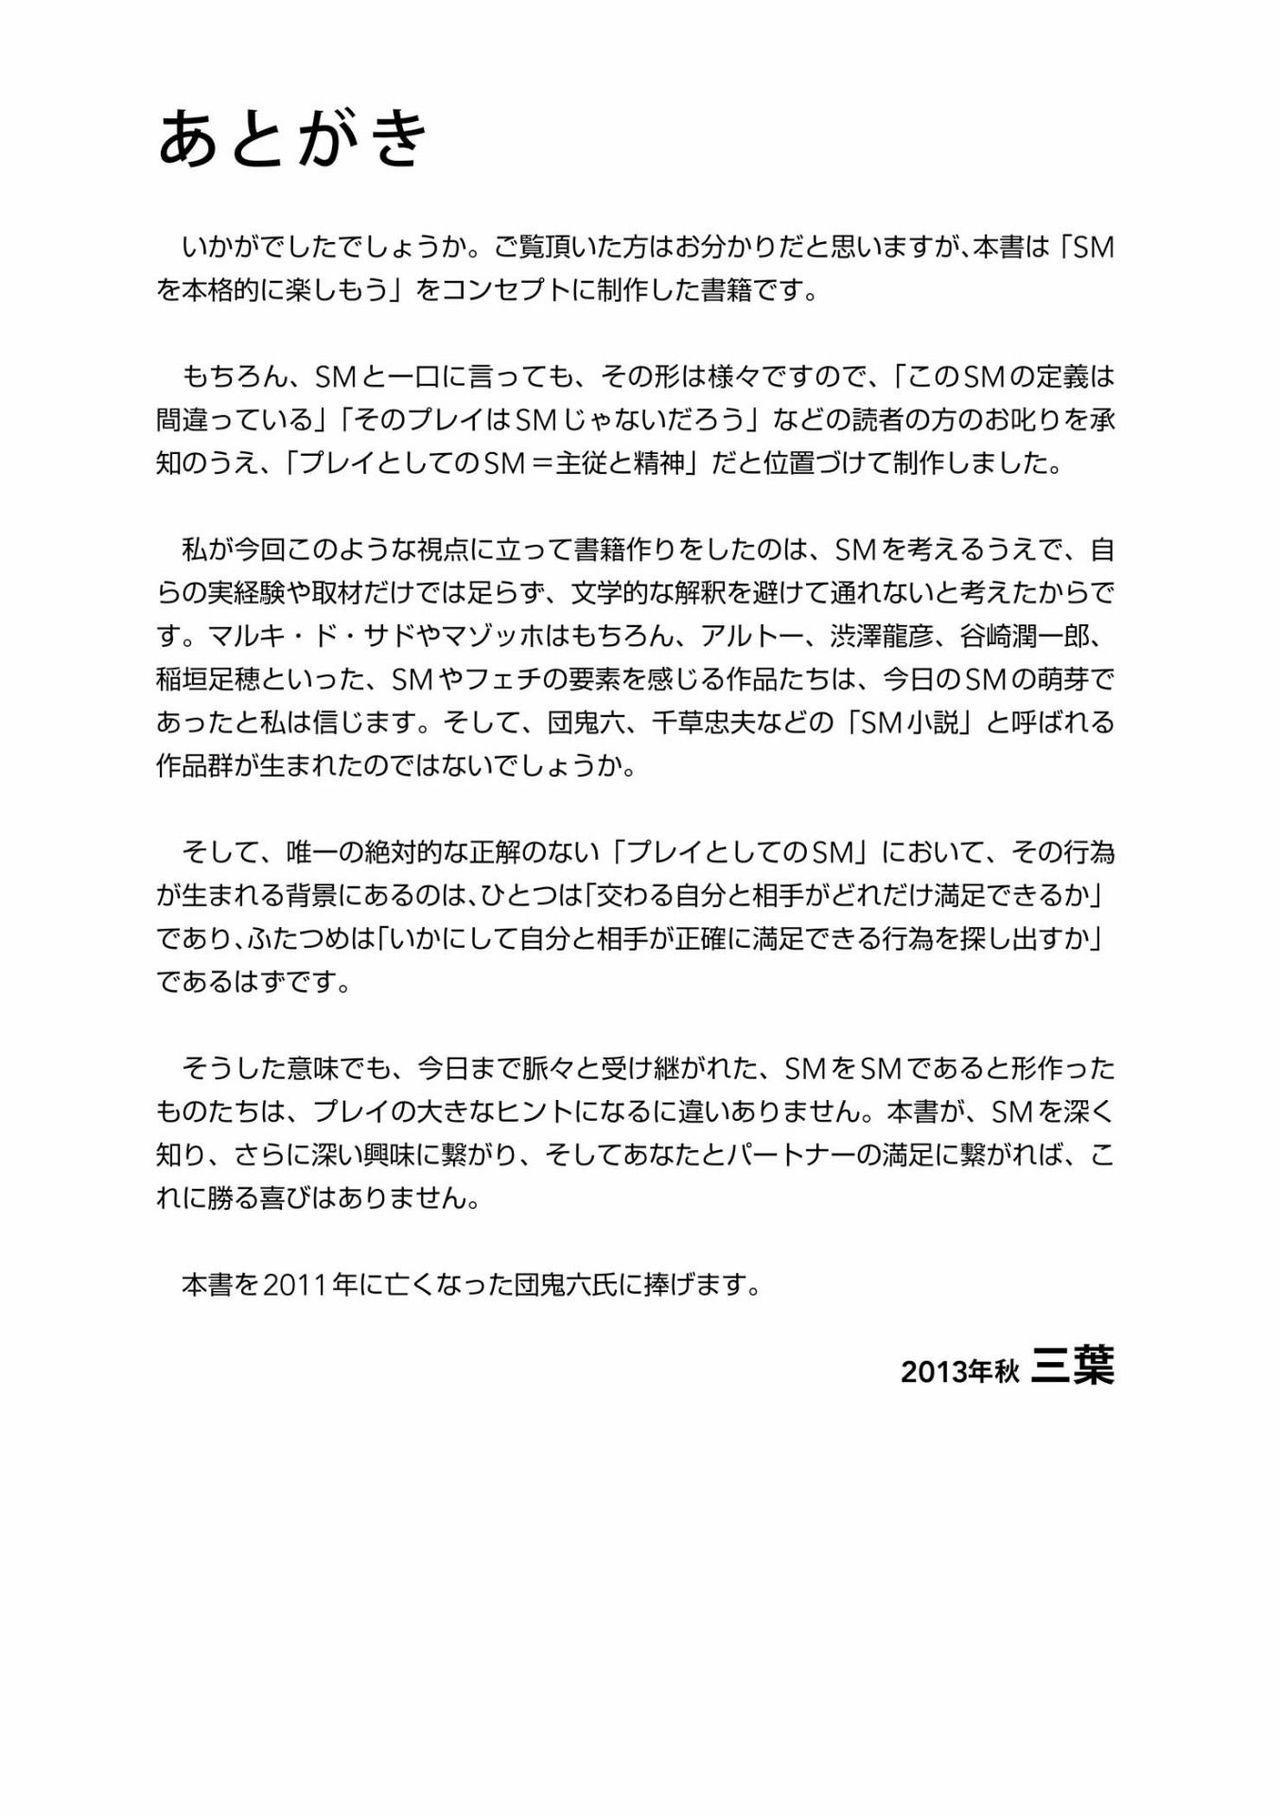 [Mitsuba] Karada mo Kokoro mo Boku no Mono ~Hajimete no SM Guide~ 2 [Digital] 129